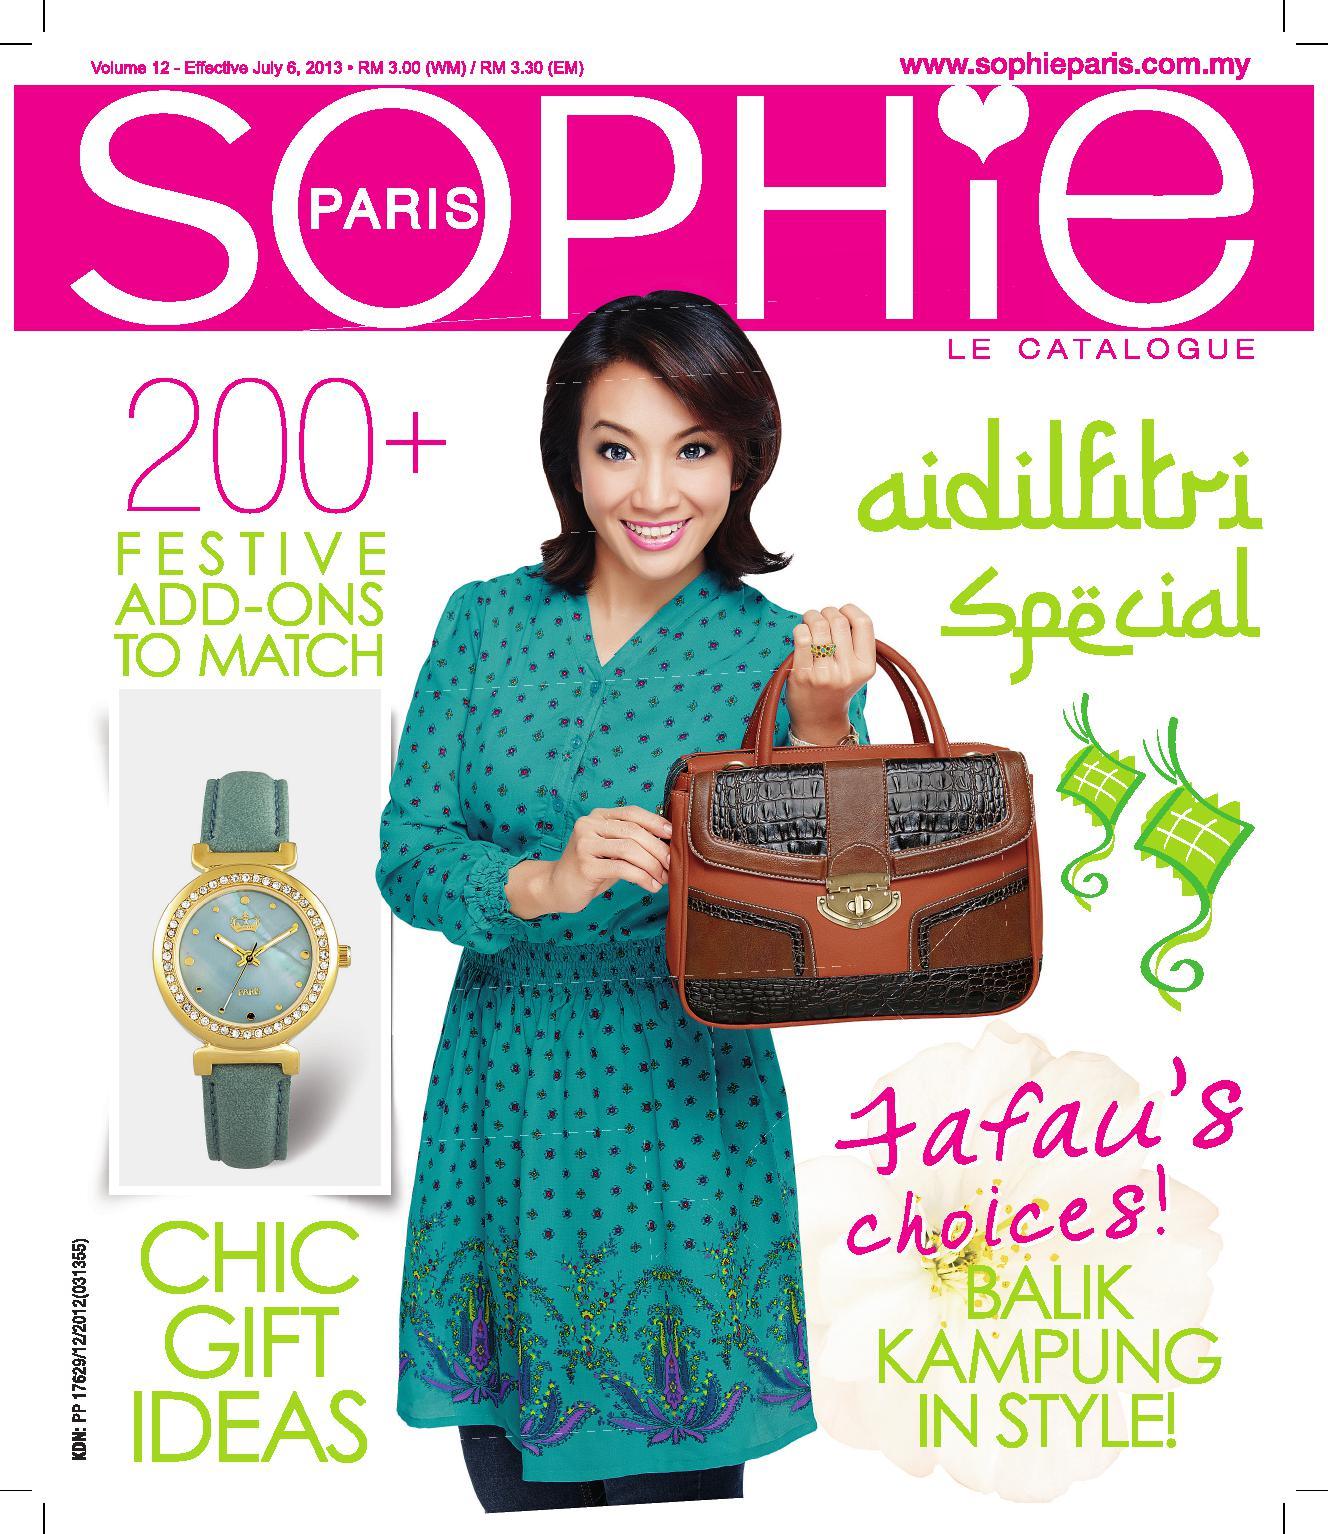 We Love Sophie Paris Blog 2013 Pensil Alis Shopie Lihat Album Katalog Volume 10 Di Sini